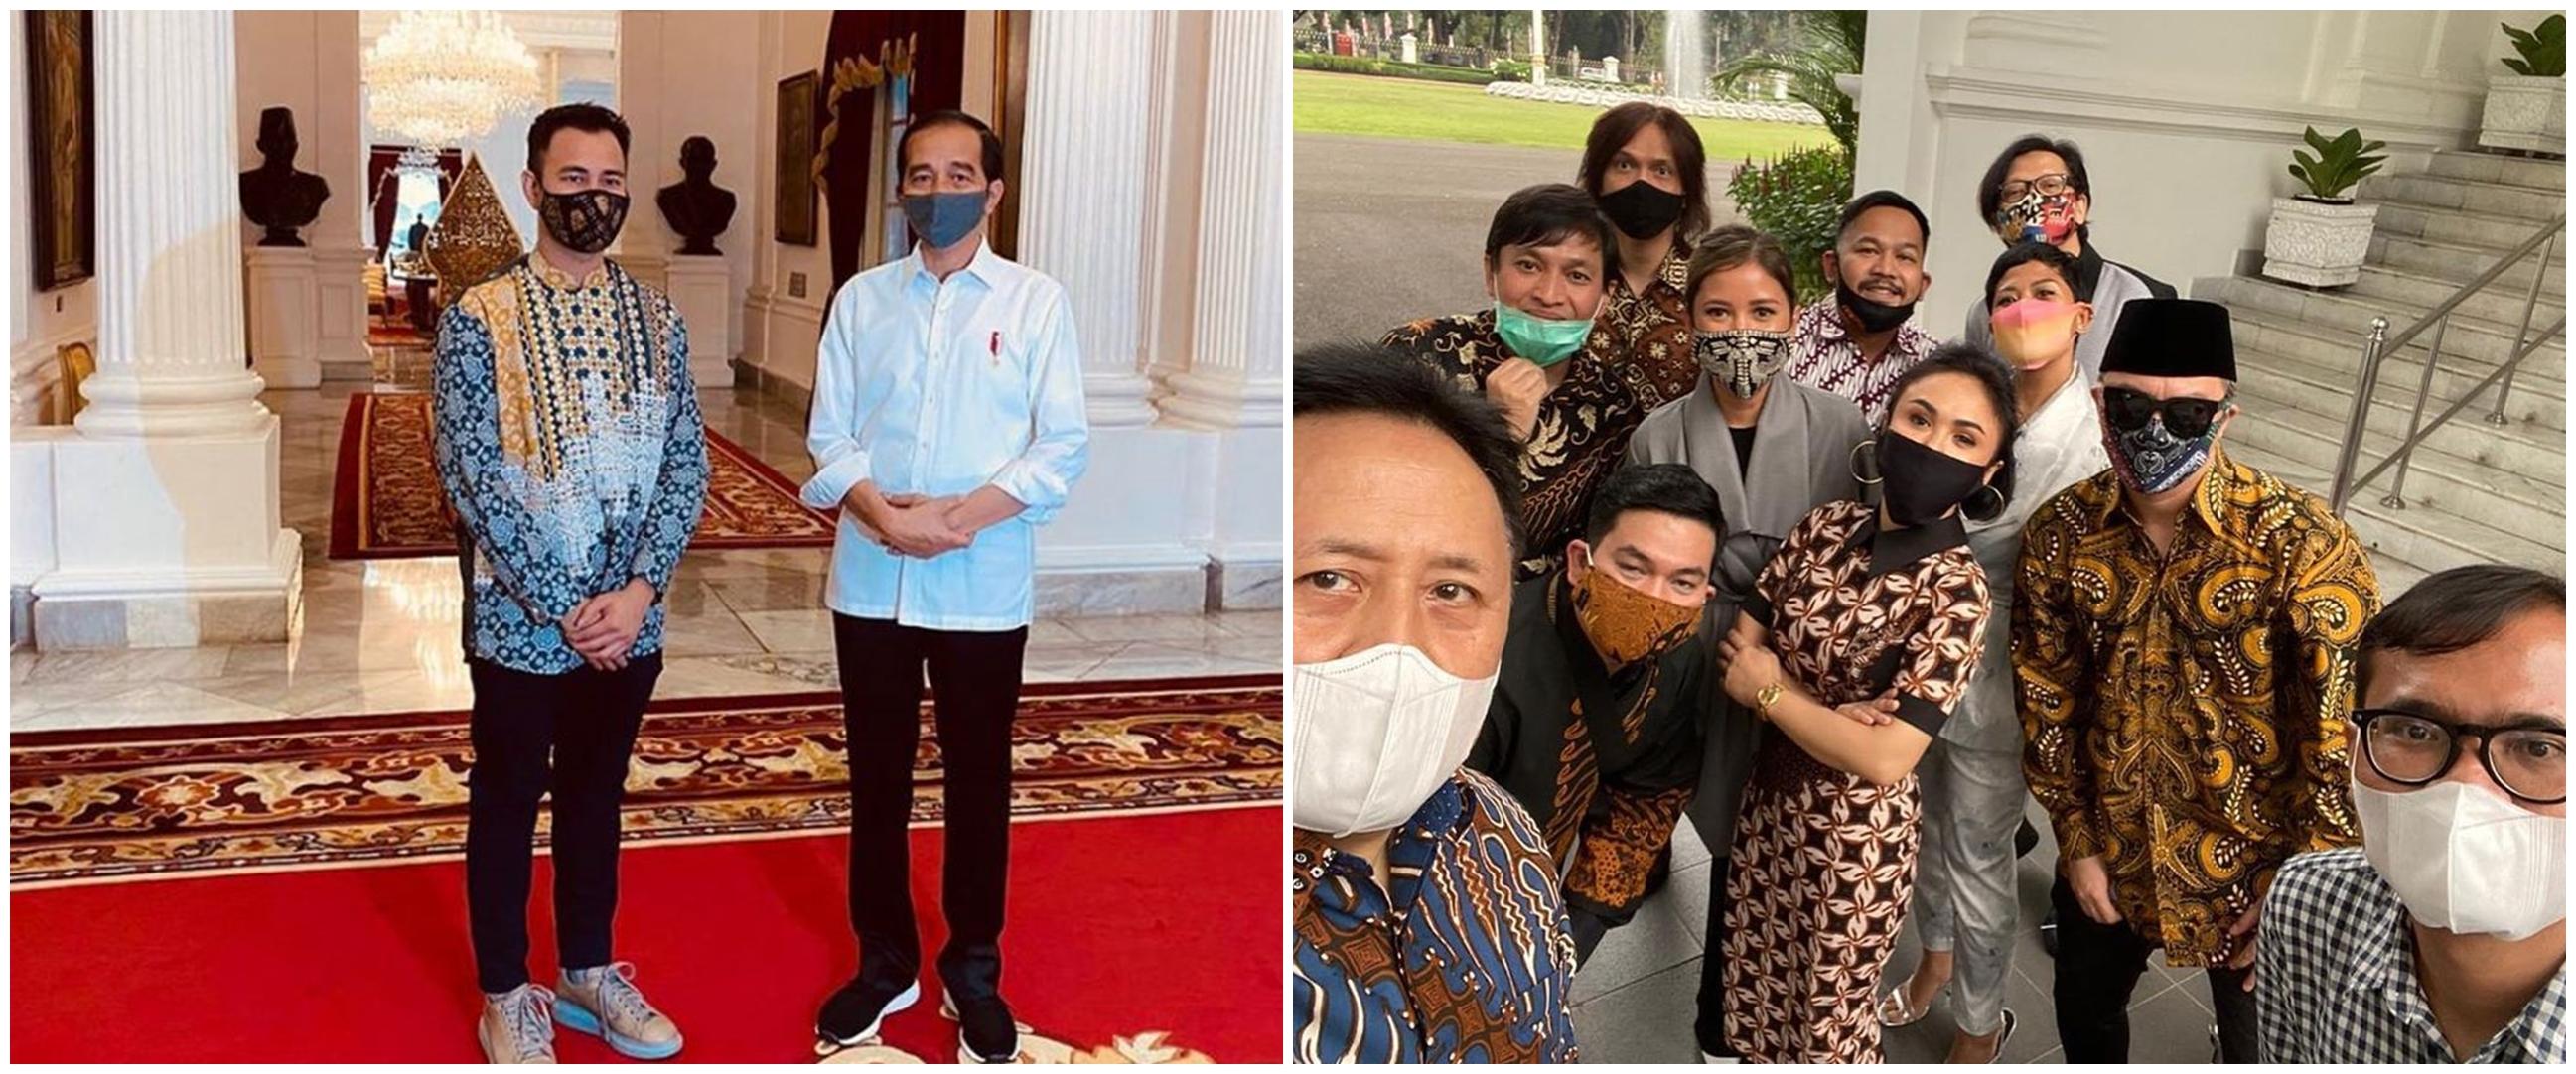 Momen 11 seleb diundang Jokowi, diminta kampanye protokol Covid-19